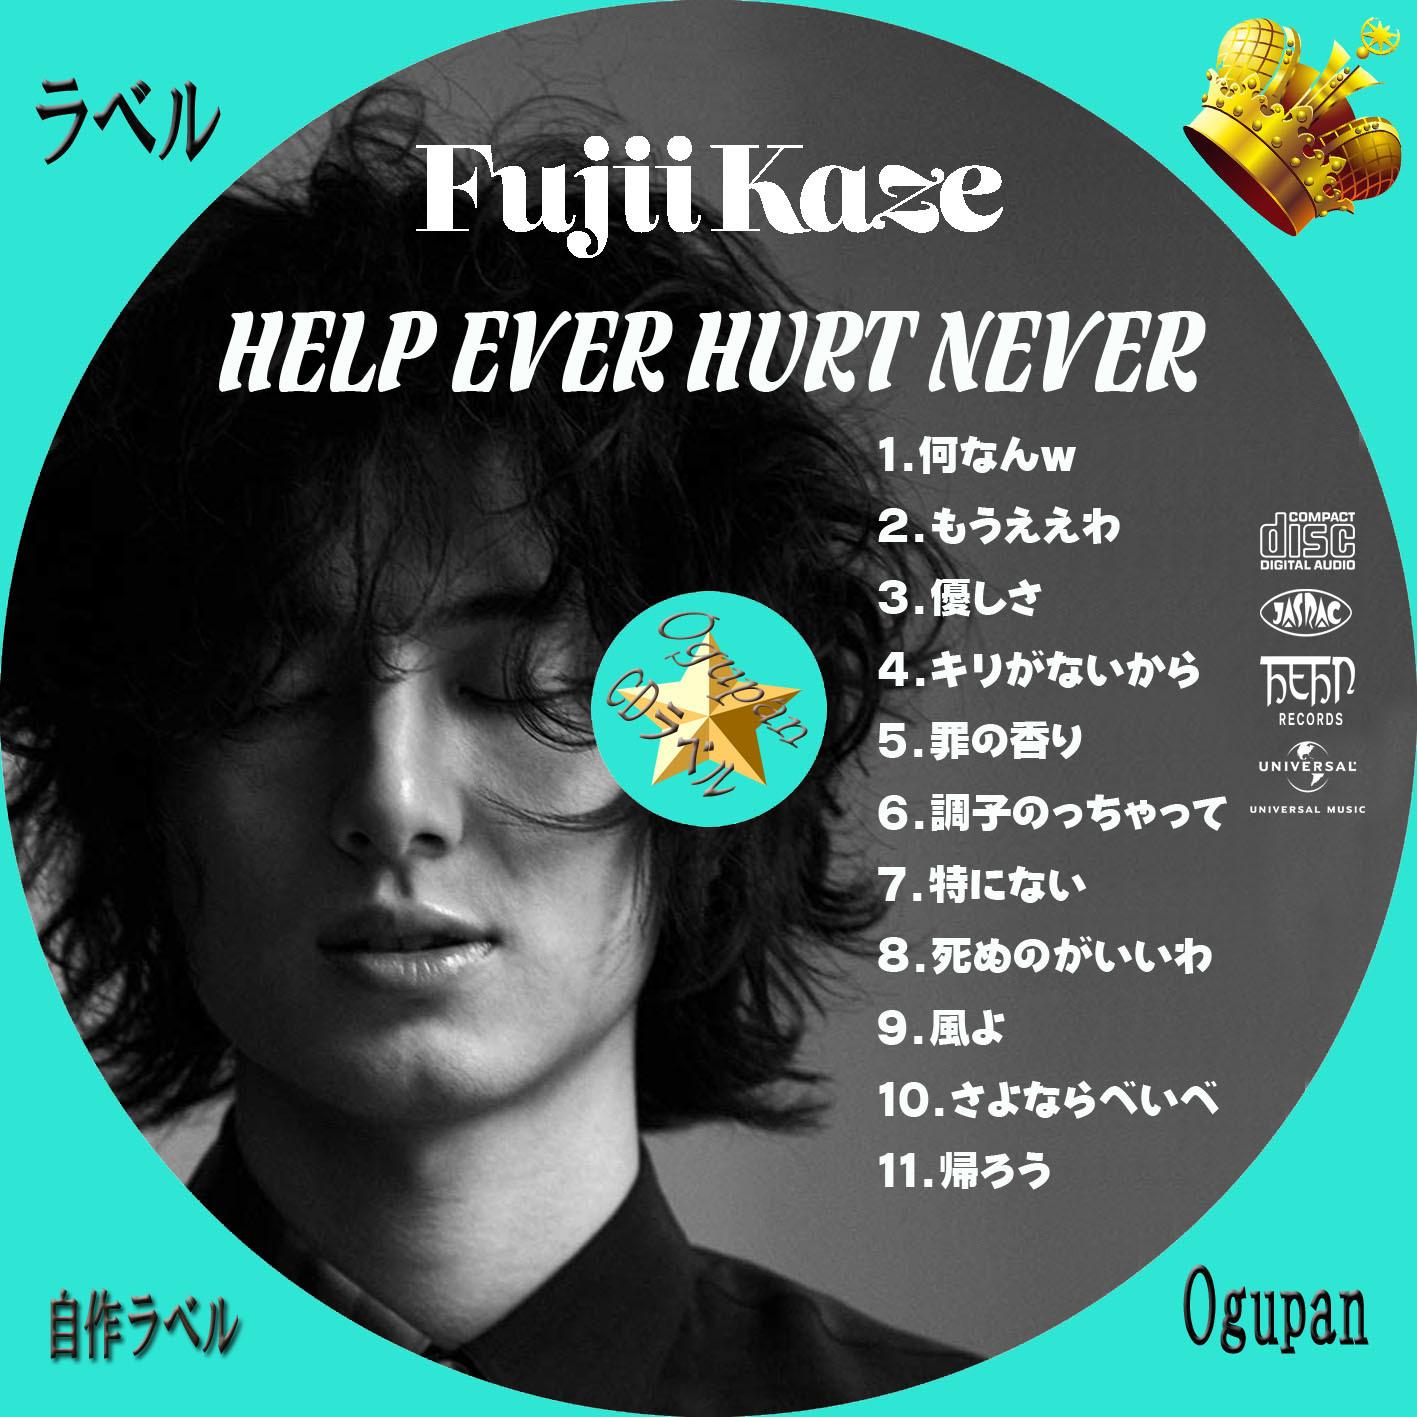 風 help hurt 藤井 never ever